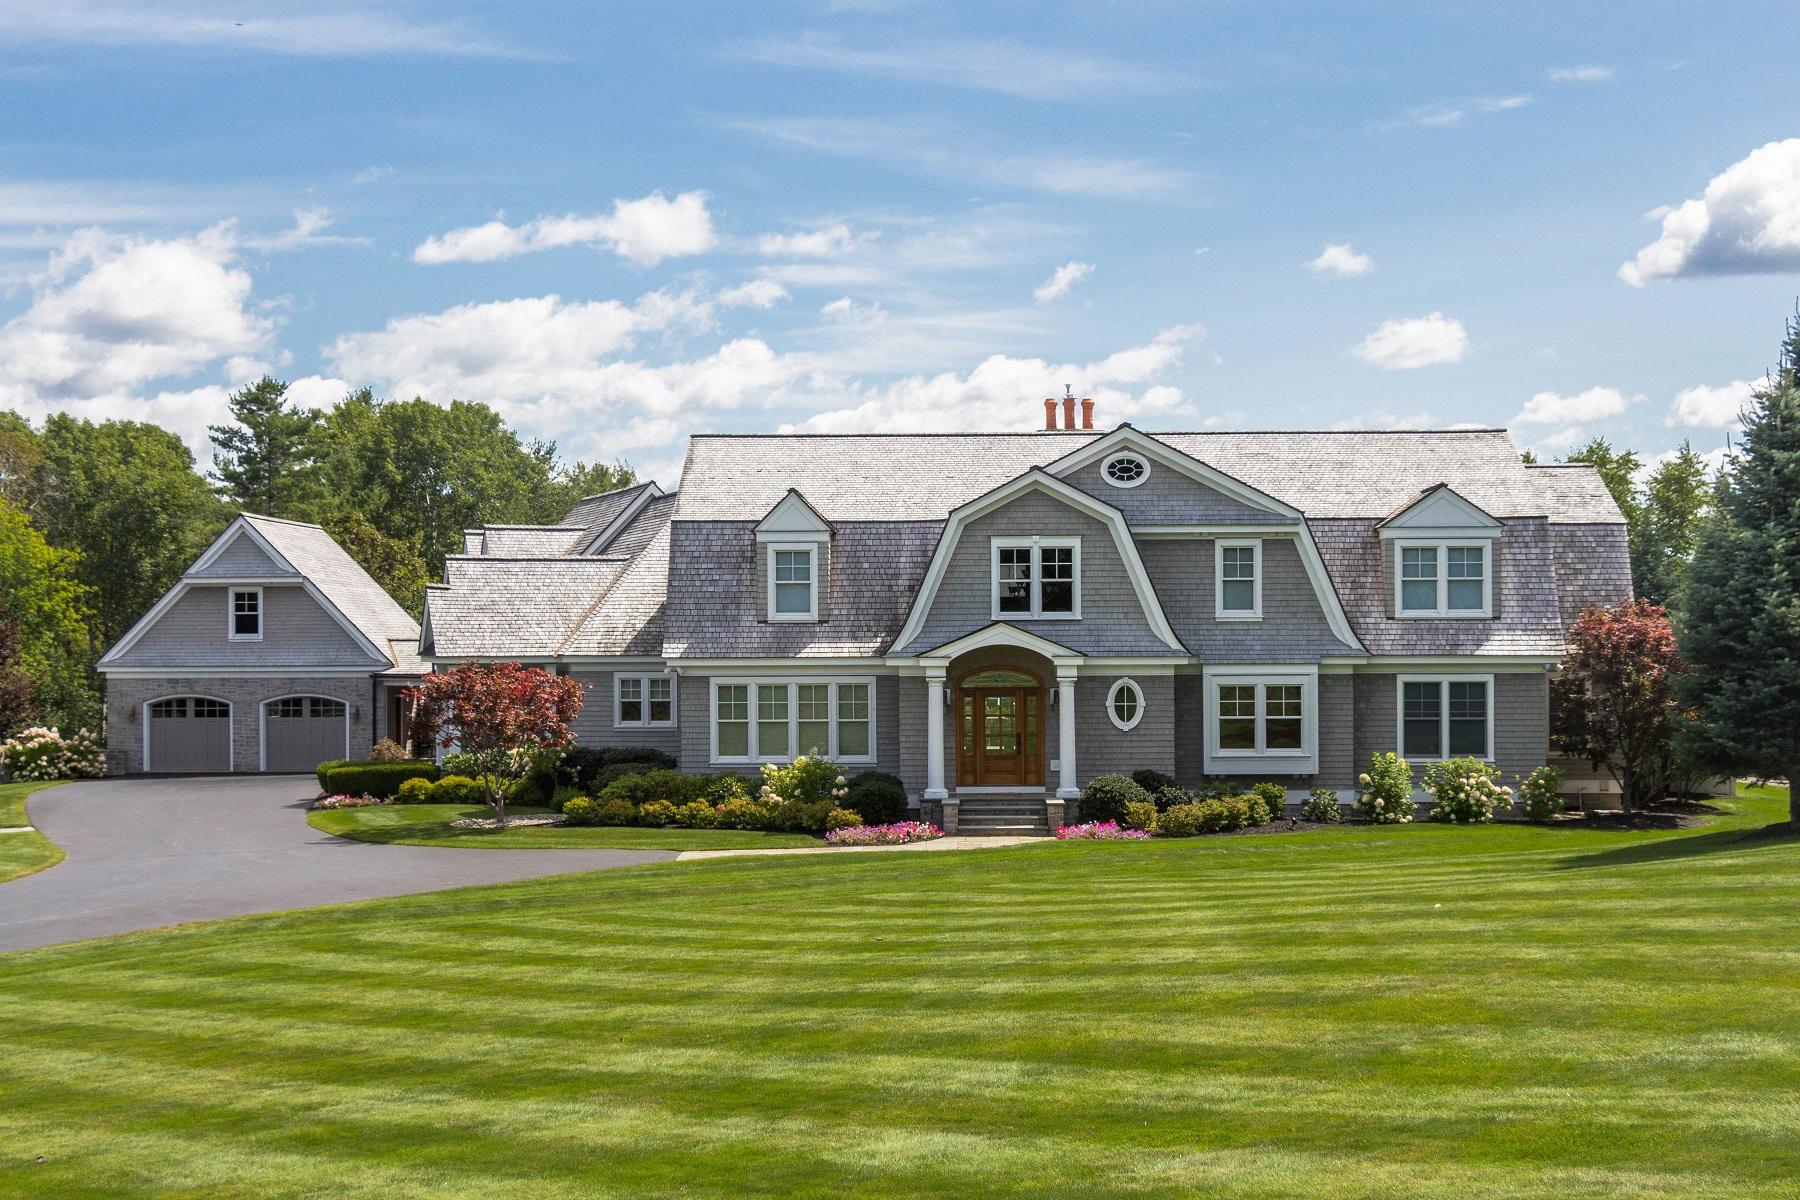 Частный односемейный дом для того Продажа на Nantucket Style Mansion in Niskayuna Countryside 341 Vly Rd Niskayuna, Нью-Йорк 12309 Соединенные Штаты